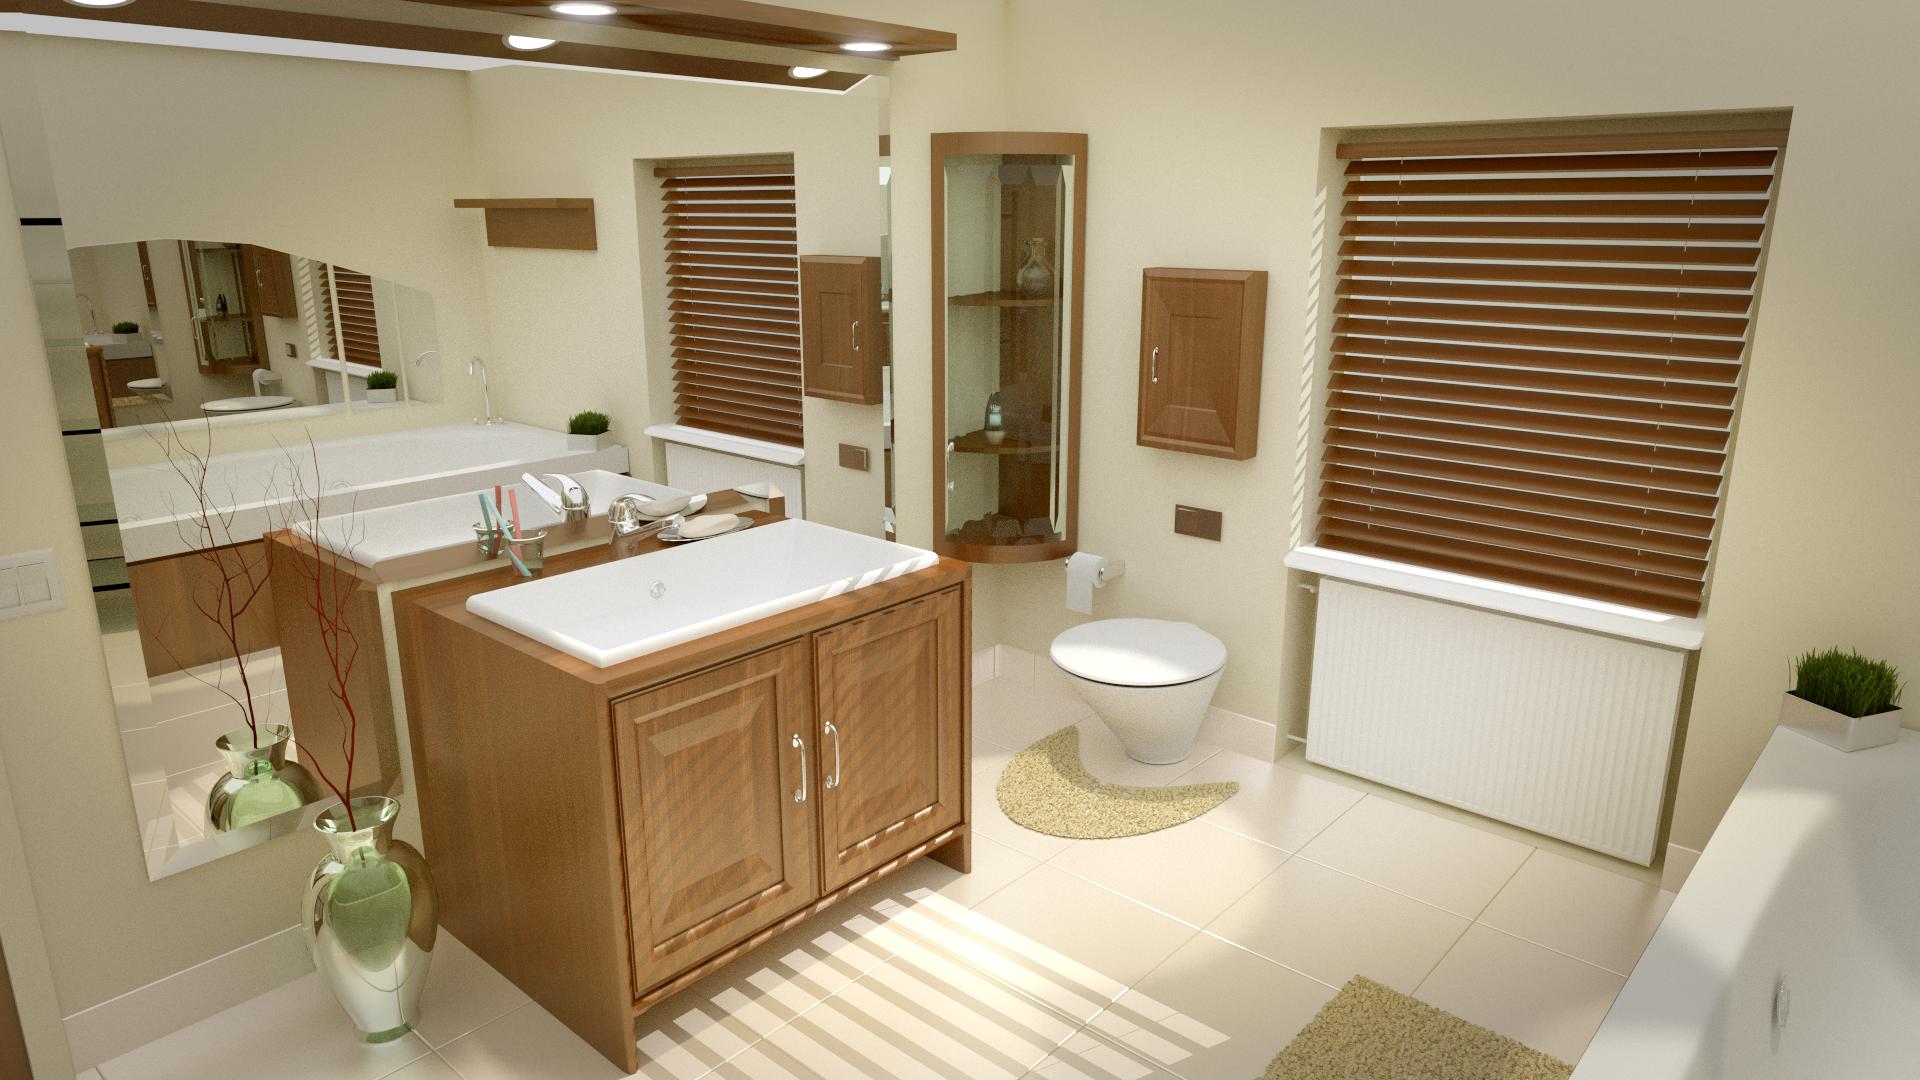 Architecture Modélisation Et Animation Blender D Dune Petite - Faire sa salle de bain en 3d